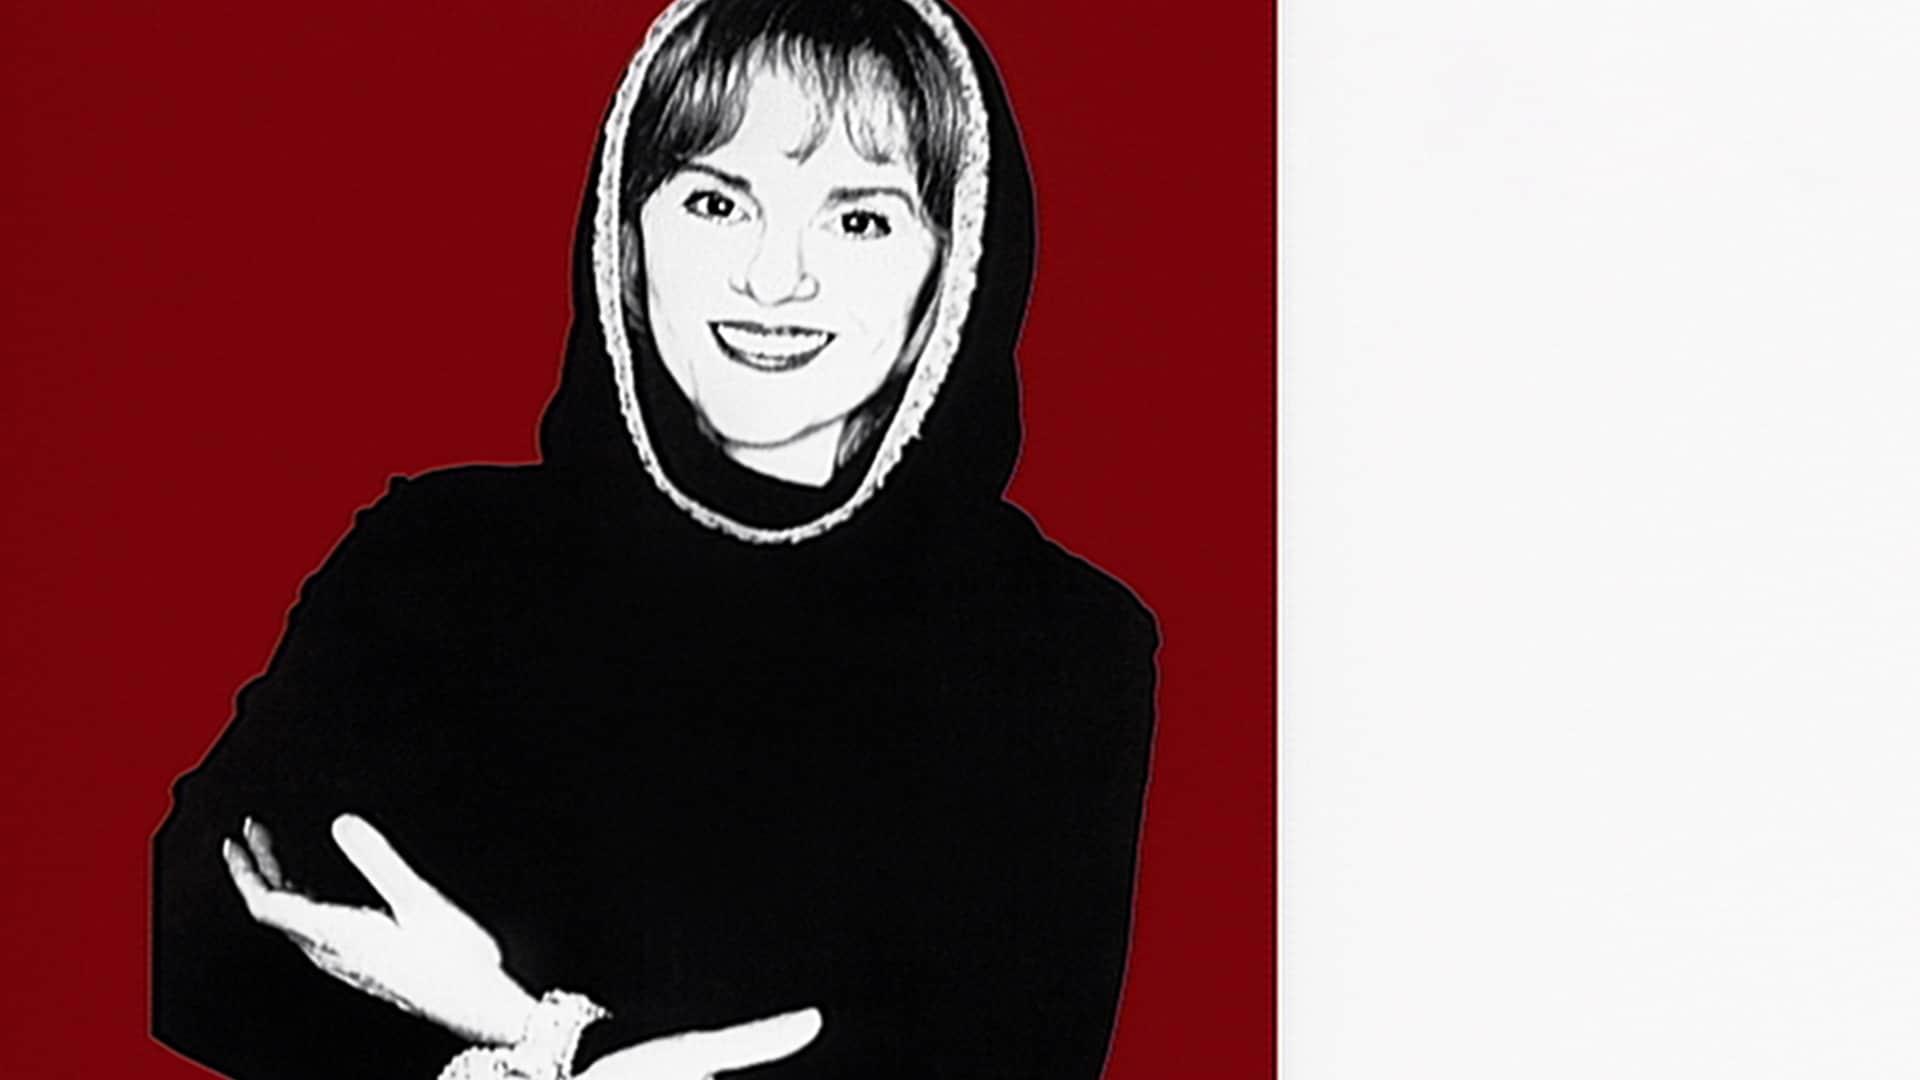 Madeline Kahn: December 16, 1995